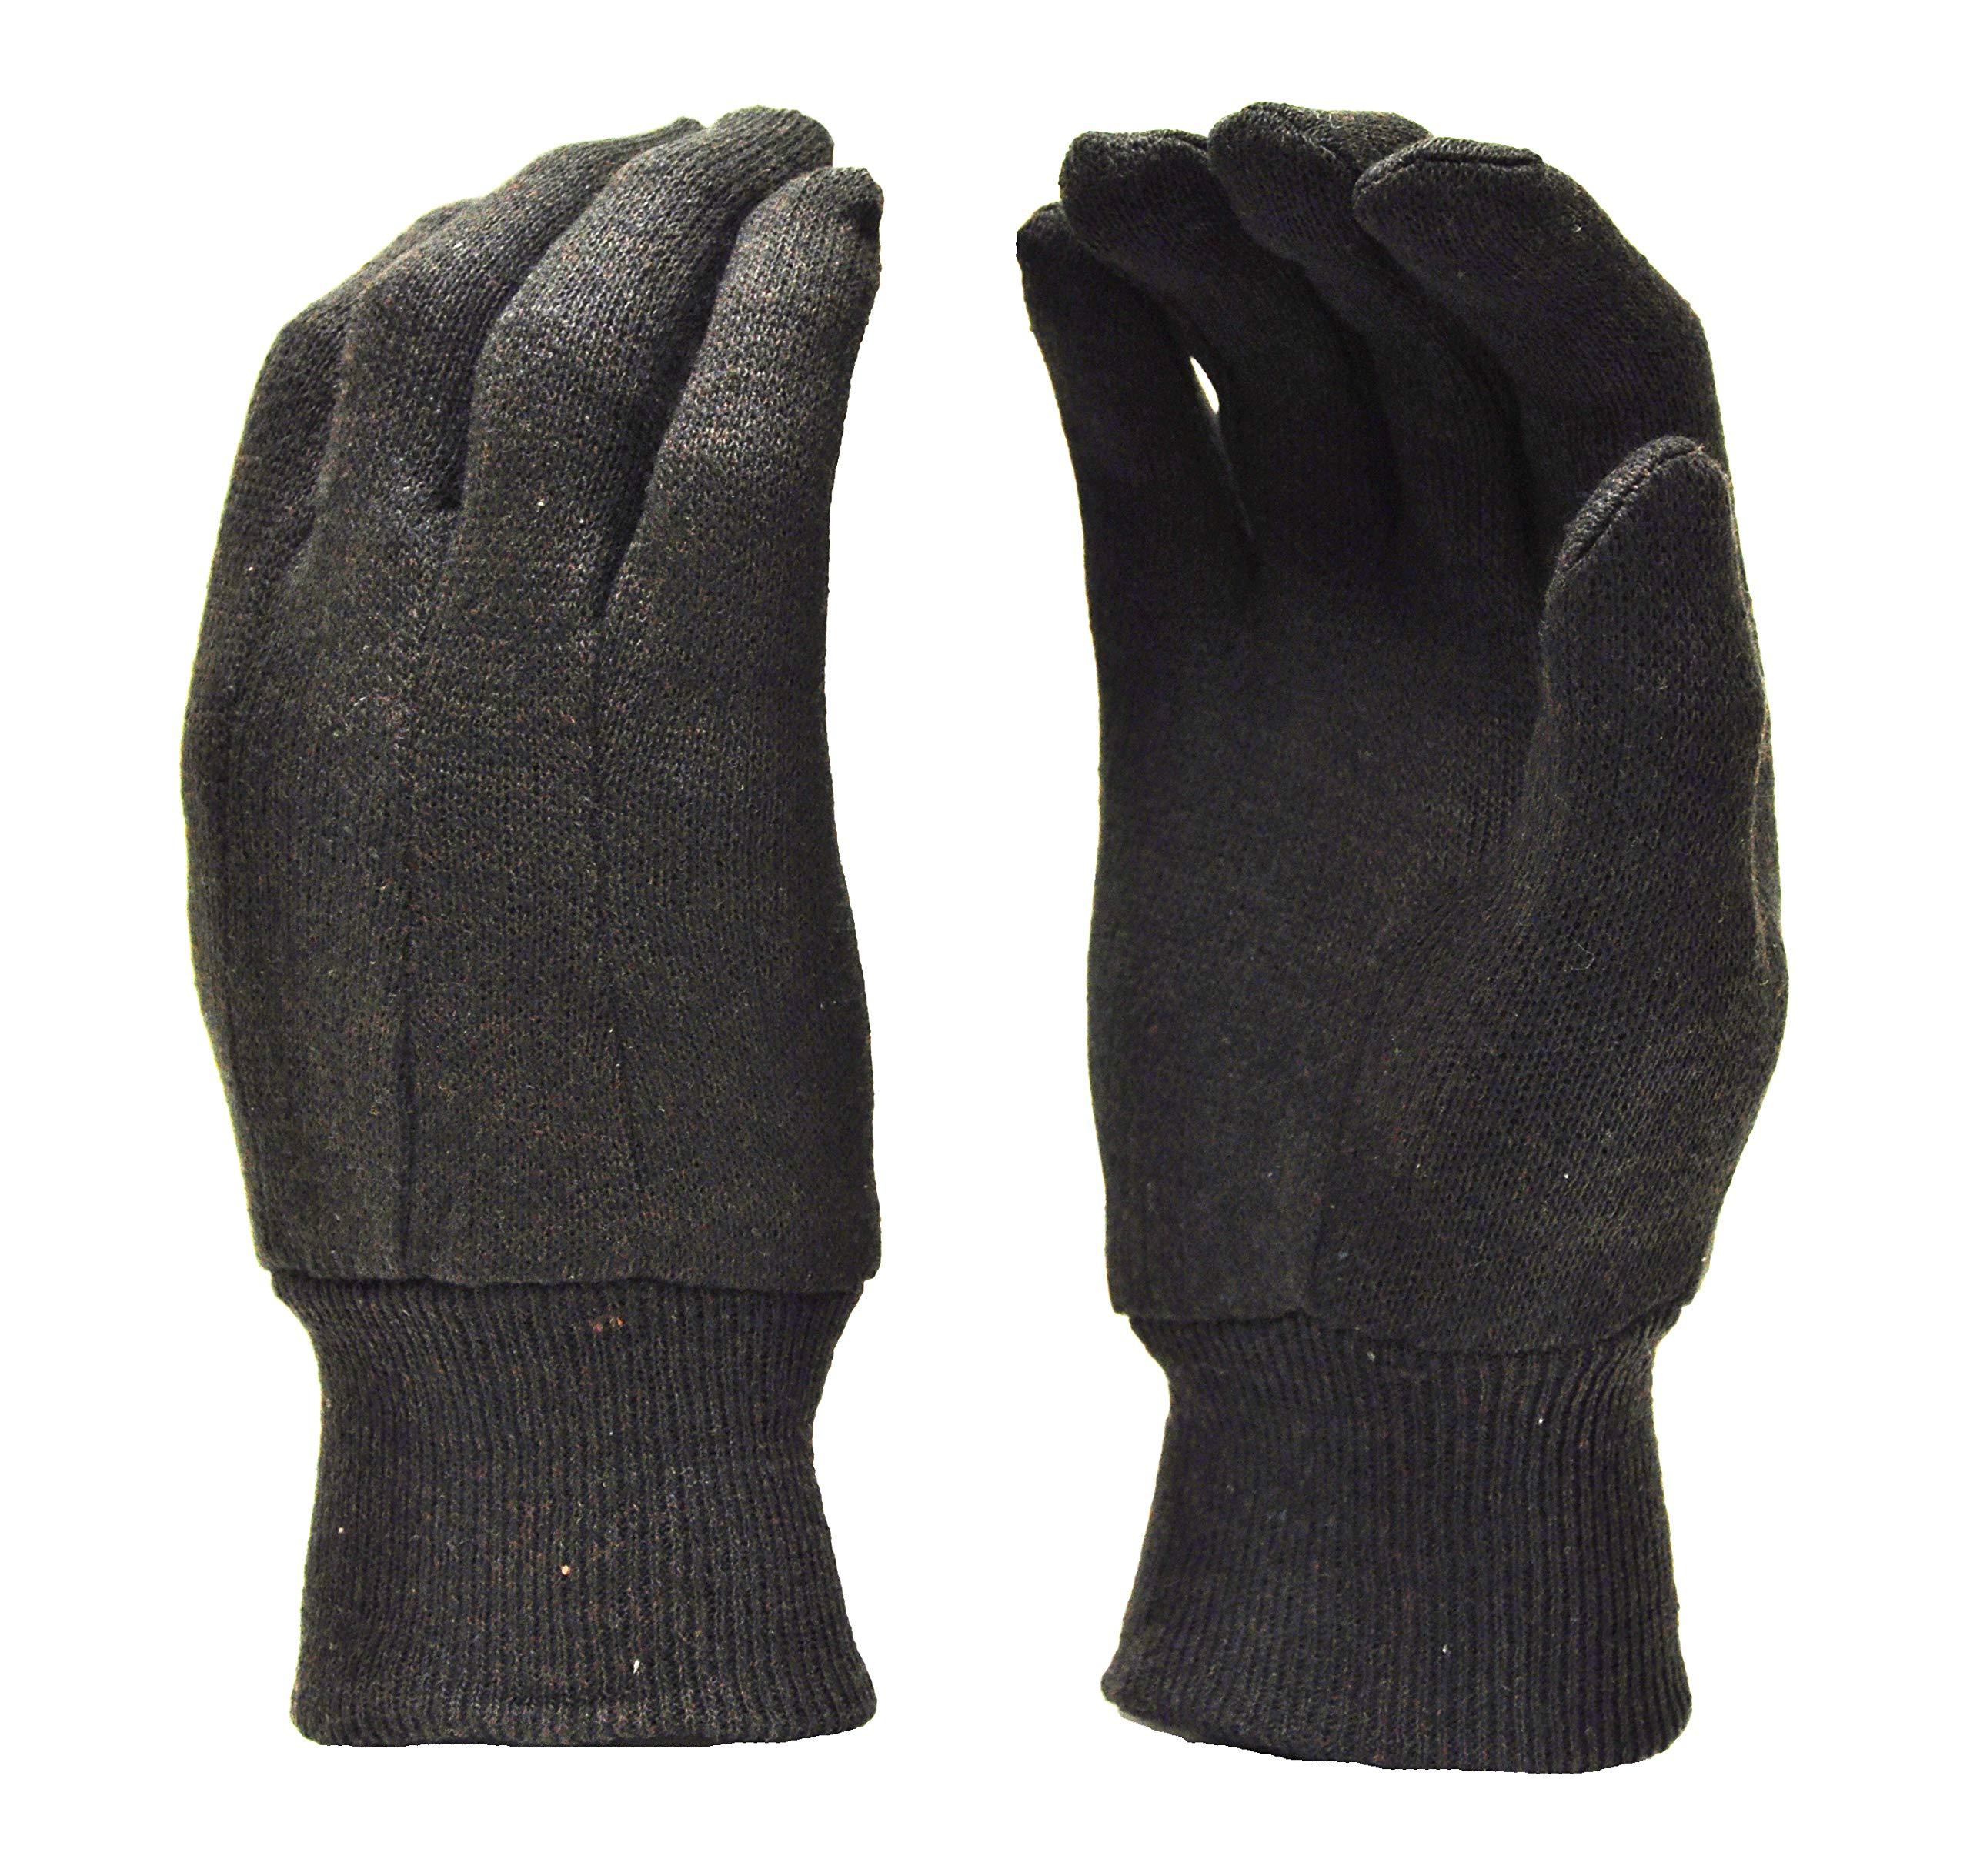 G & F Regular Marron Jersey Gants, grande, marron, 4408-25